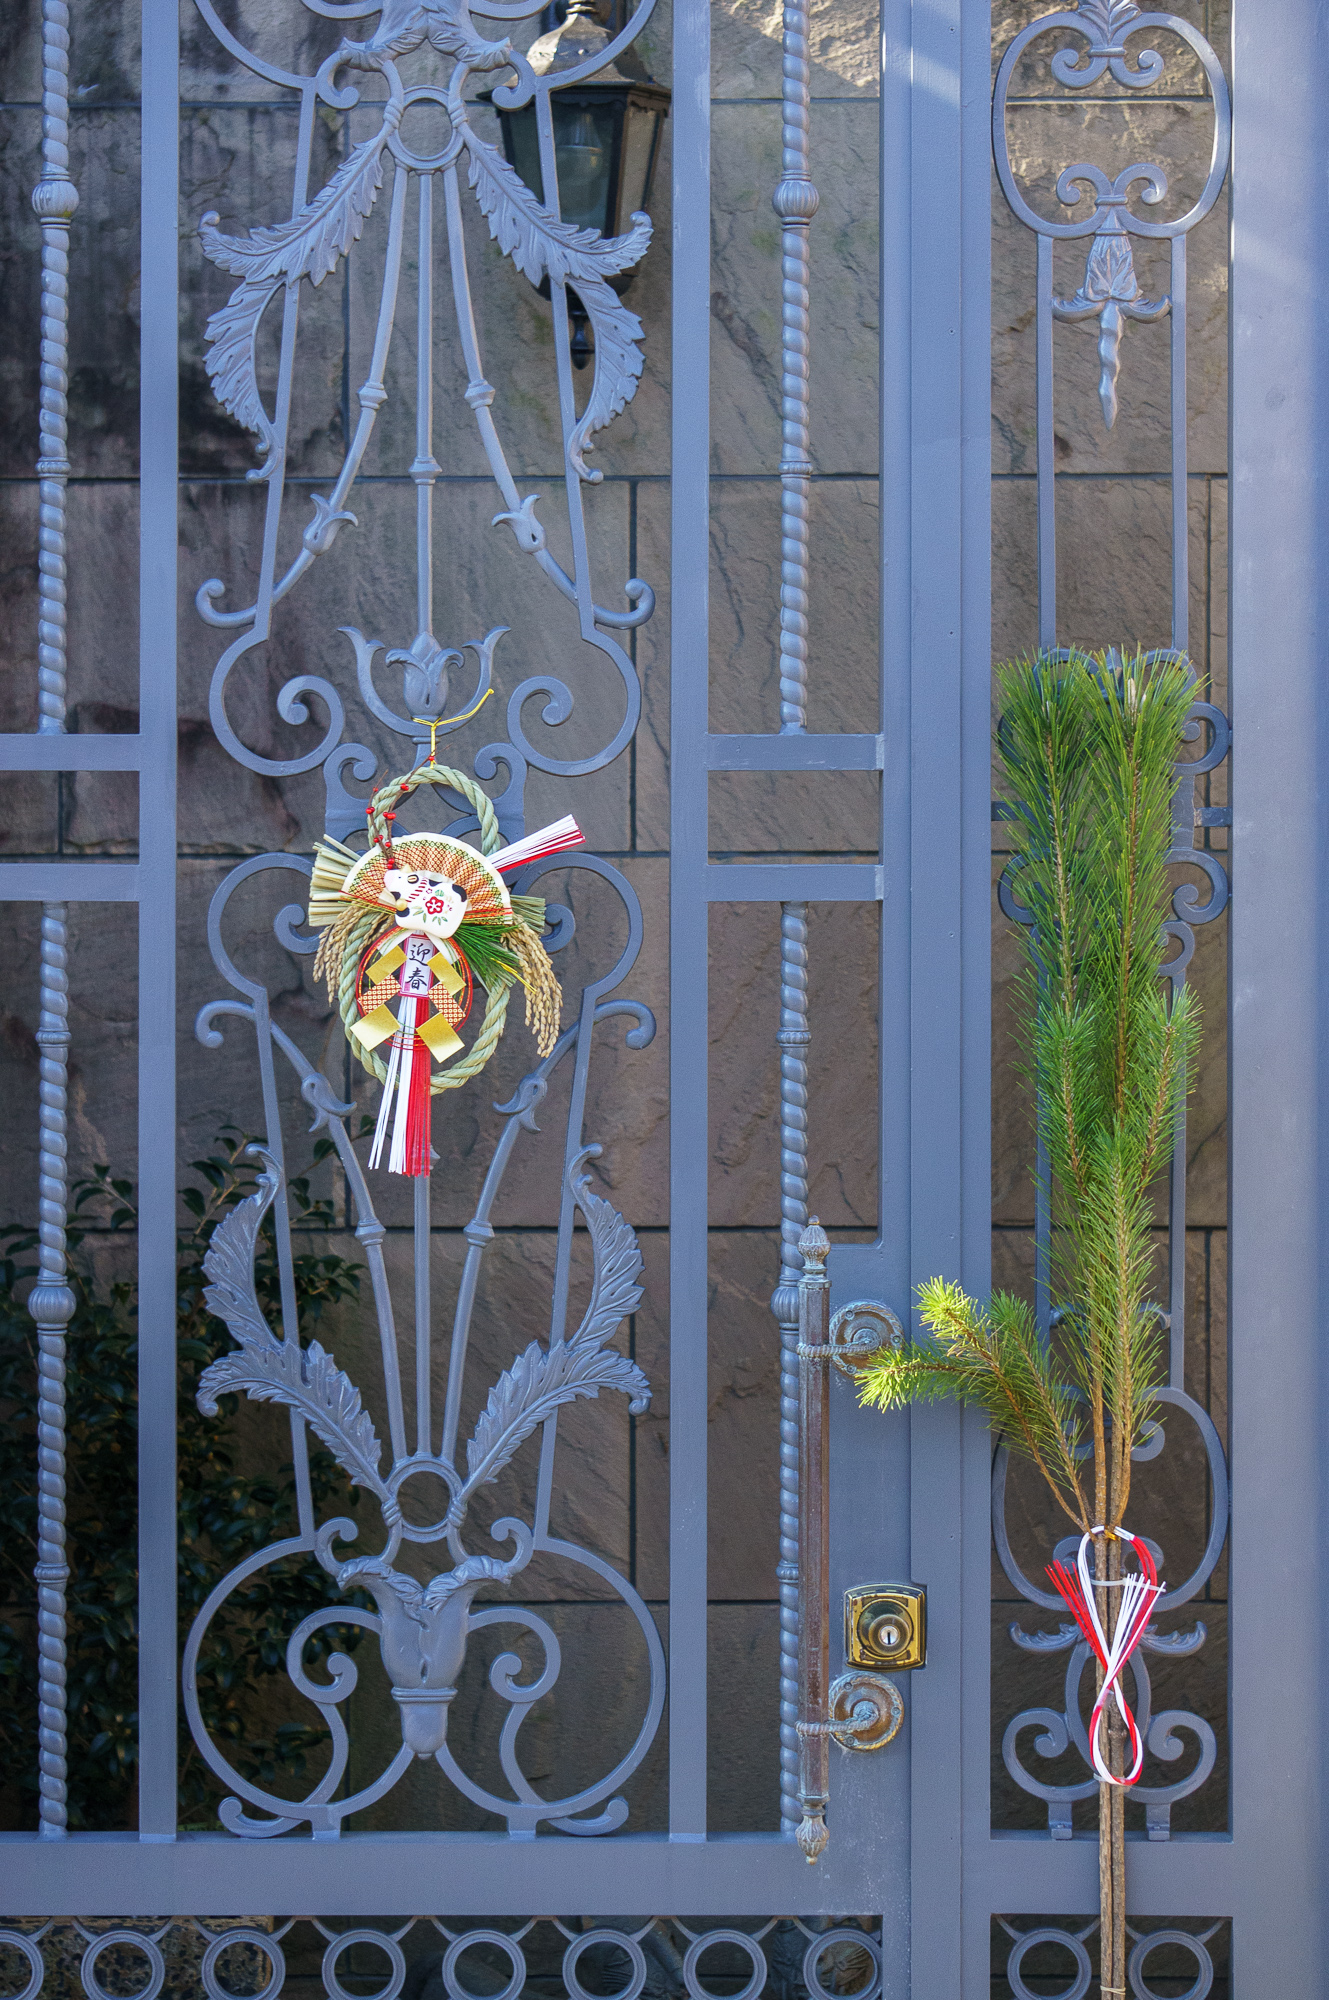 Vecgada, jaungada dekorācijas, tādas gandrīz pie katras mājas durvīm un vārtiņiem. Dažkārt izrotātas arī automašīnas, piekrastē mazie zvejas kuģīši utt.